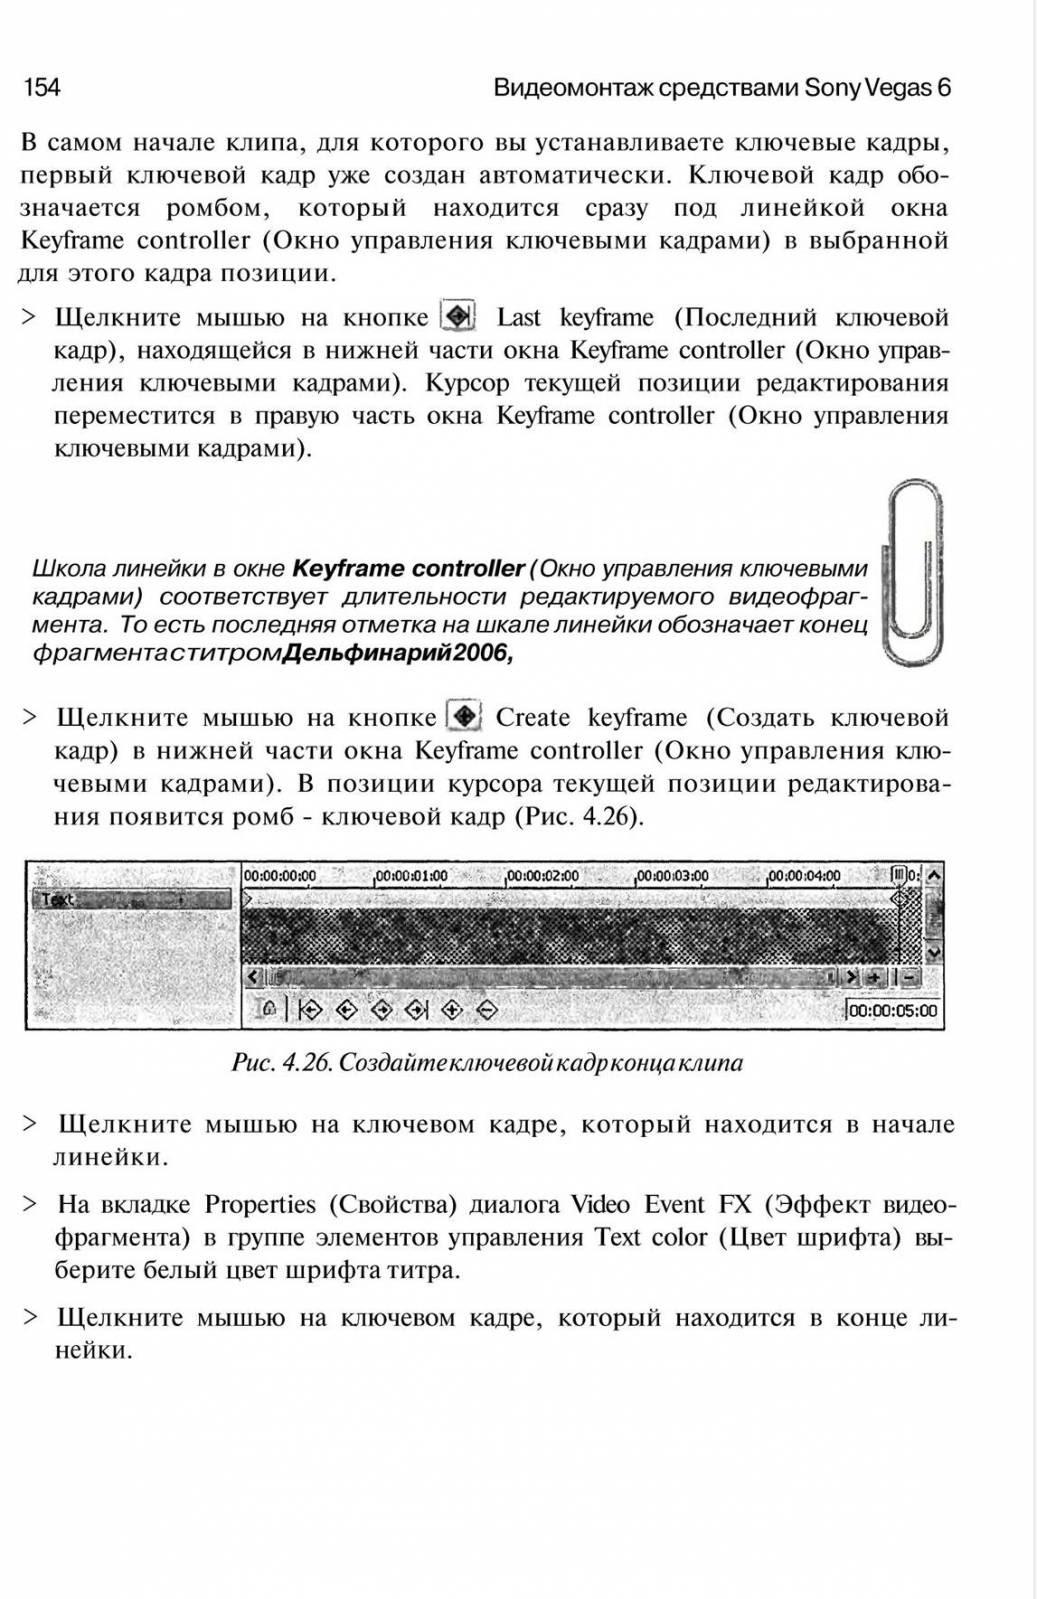 http://redaktori-uroki.3dn.ru/_ph/6/132643281.jpg